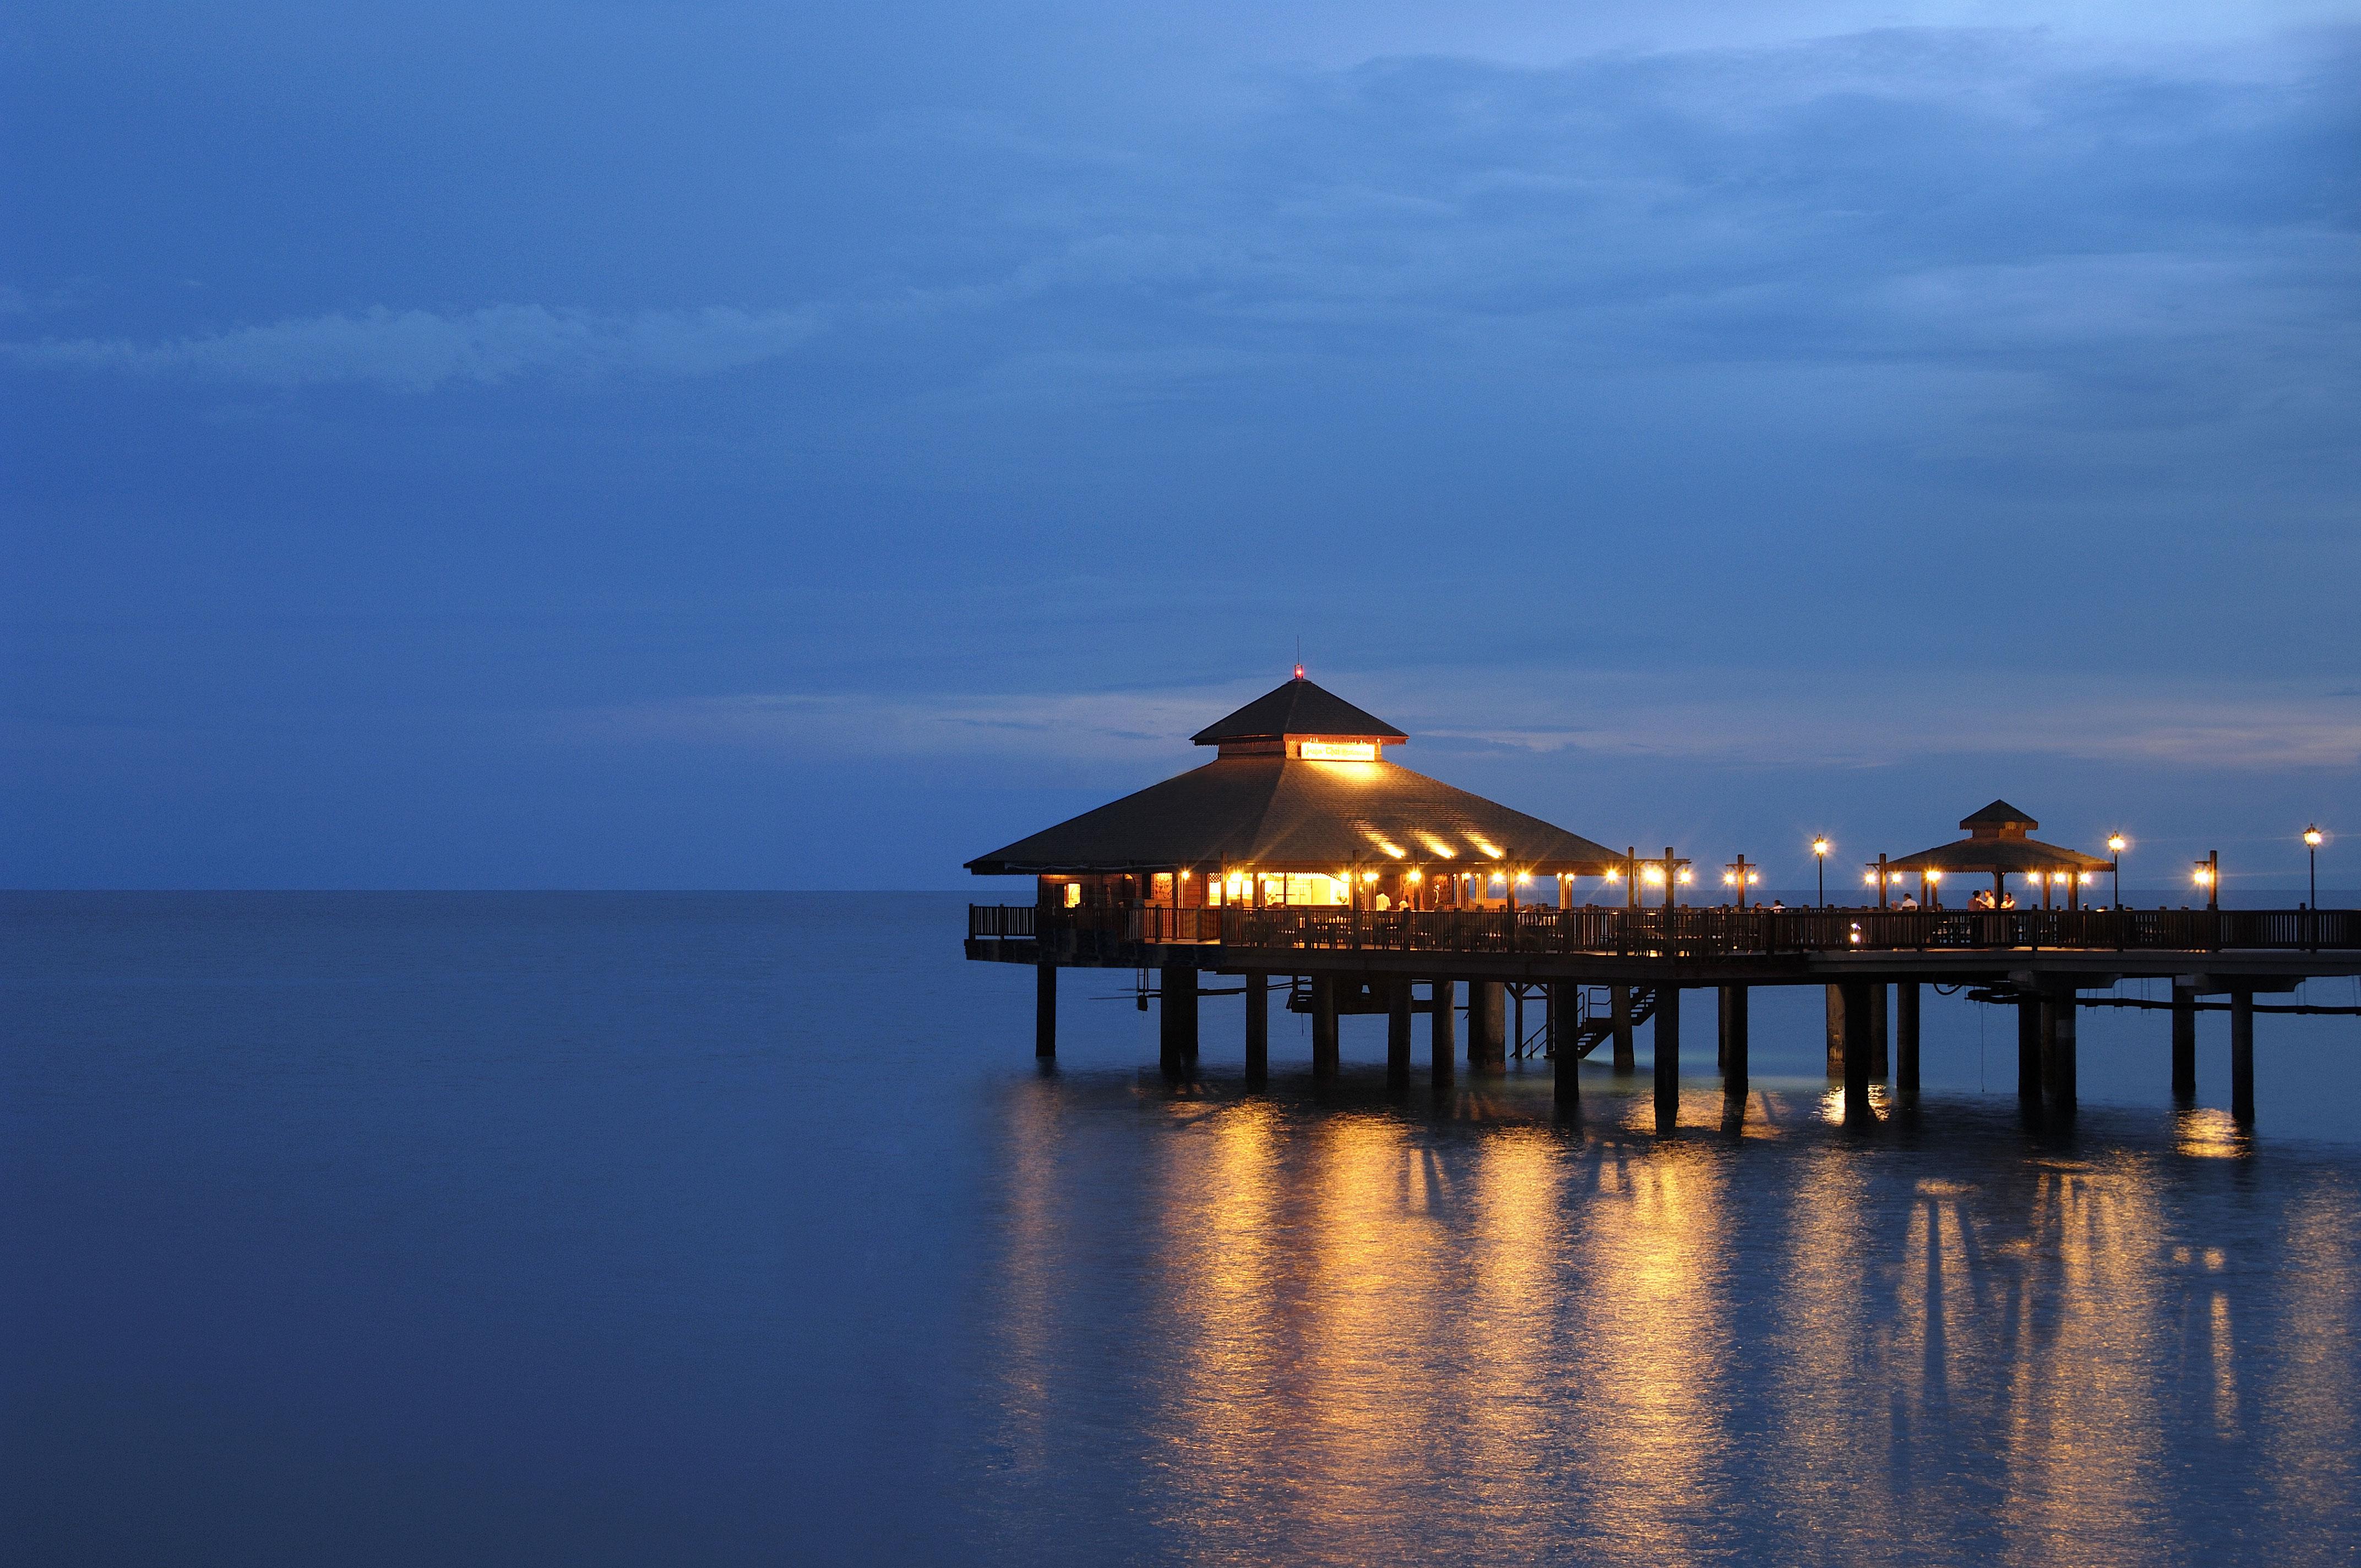 Berjaya-Langkawi-Resort-Pahn-Thai Restaurant - Facade Against Night Sky